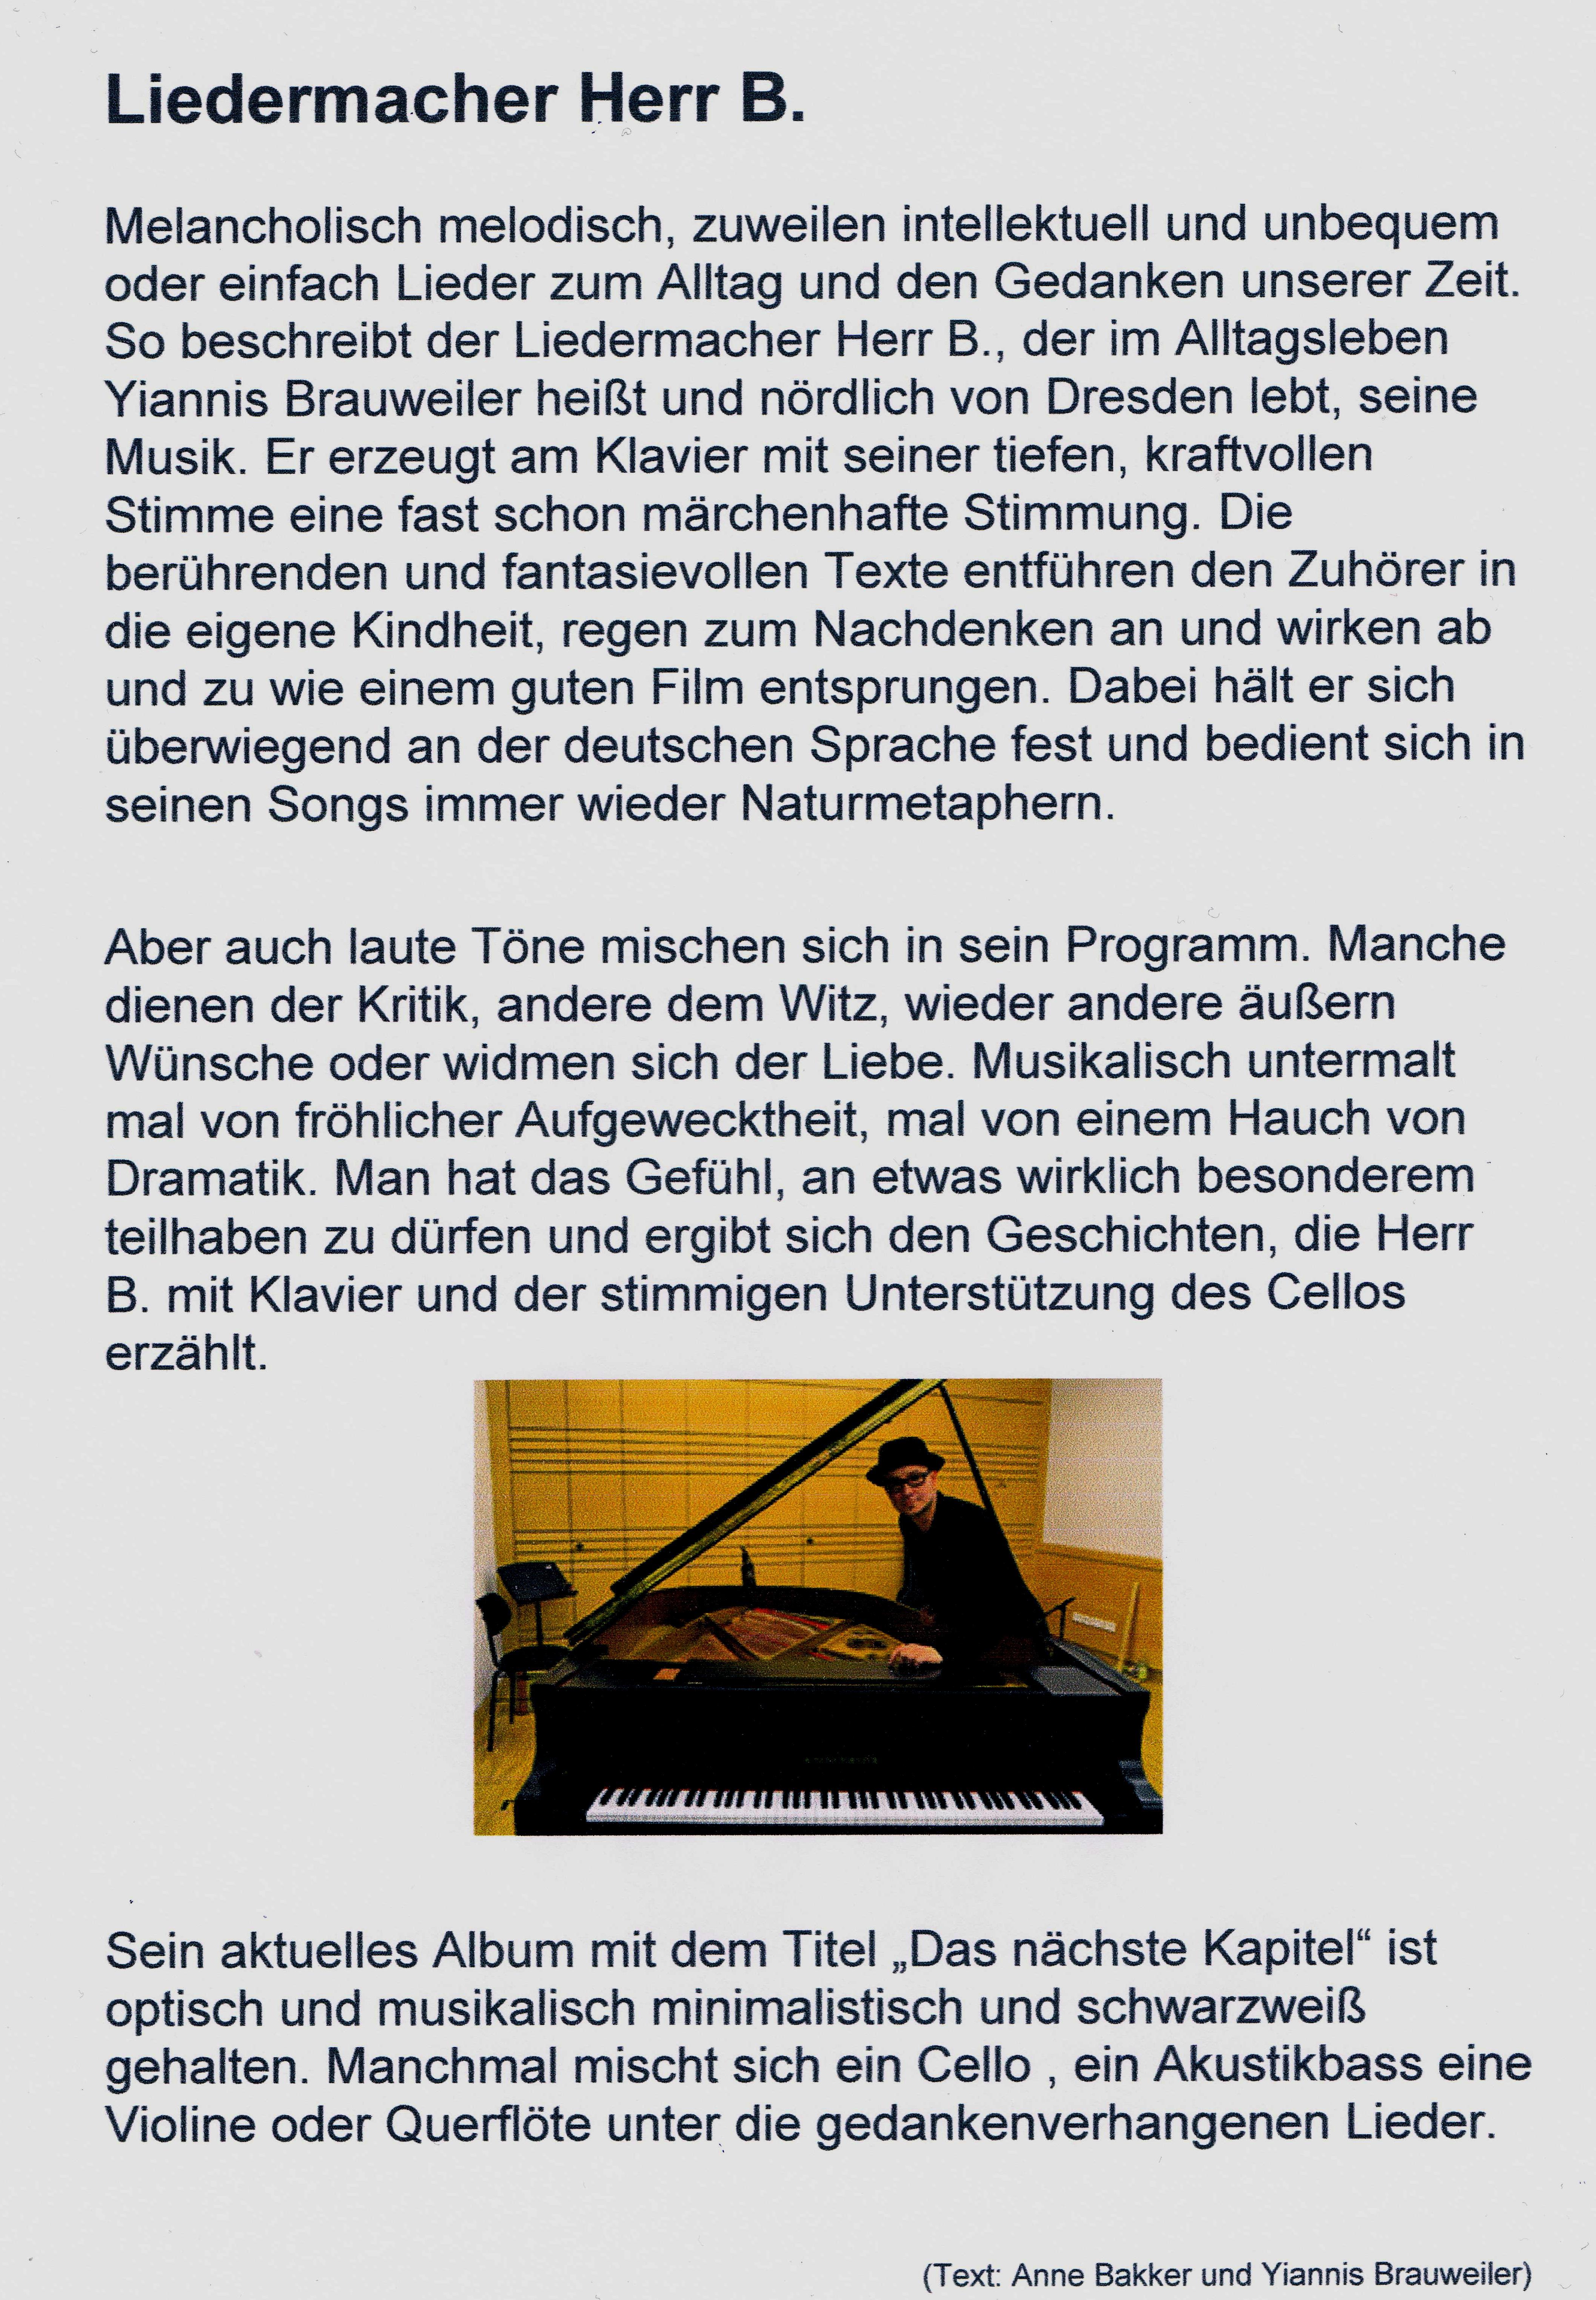 Liedermacher Herr B. (Yiannis Brauweiler) - Kulturcafe M - die ...